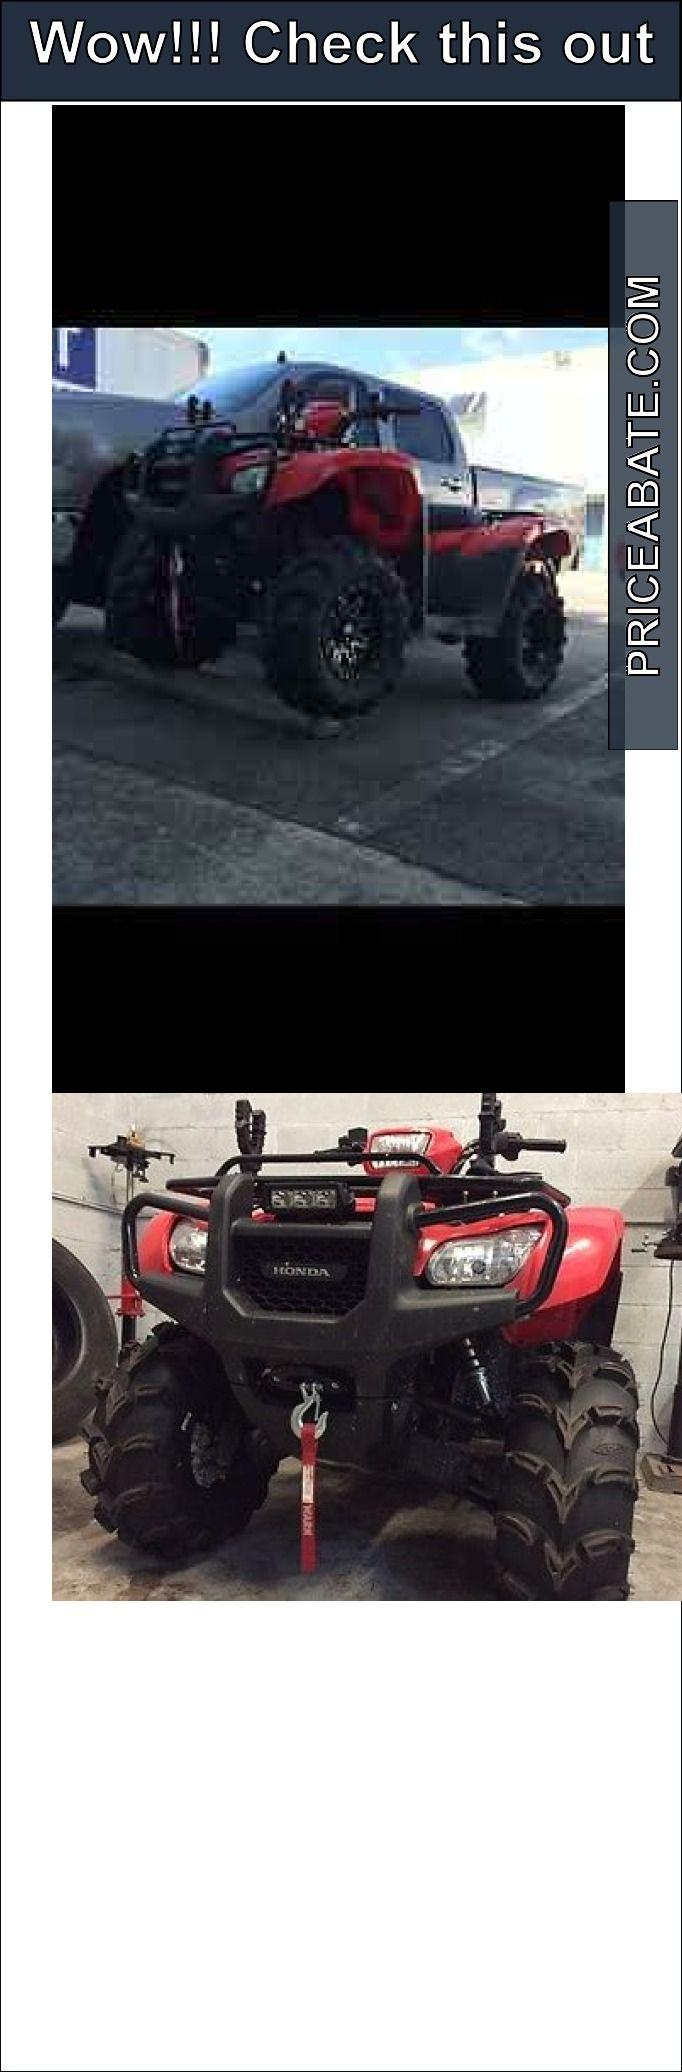 Atvs utvs snowmobiles 2013 honda foreman 500 4x4 atvs snowmobile